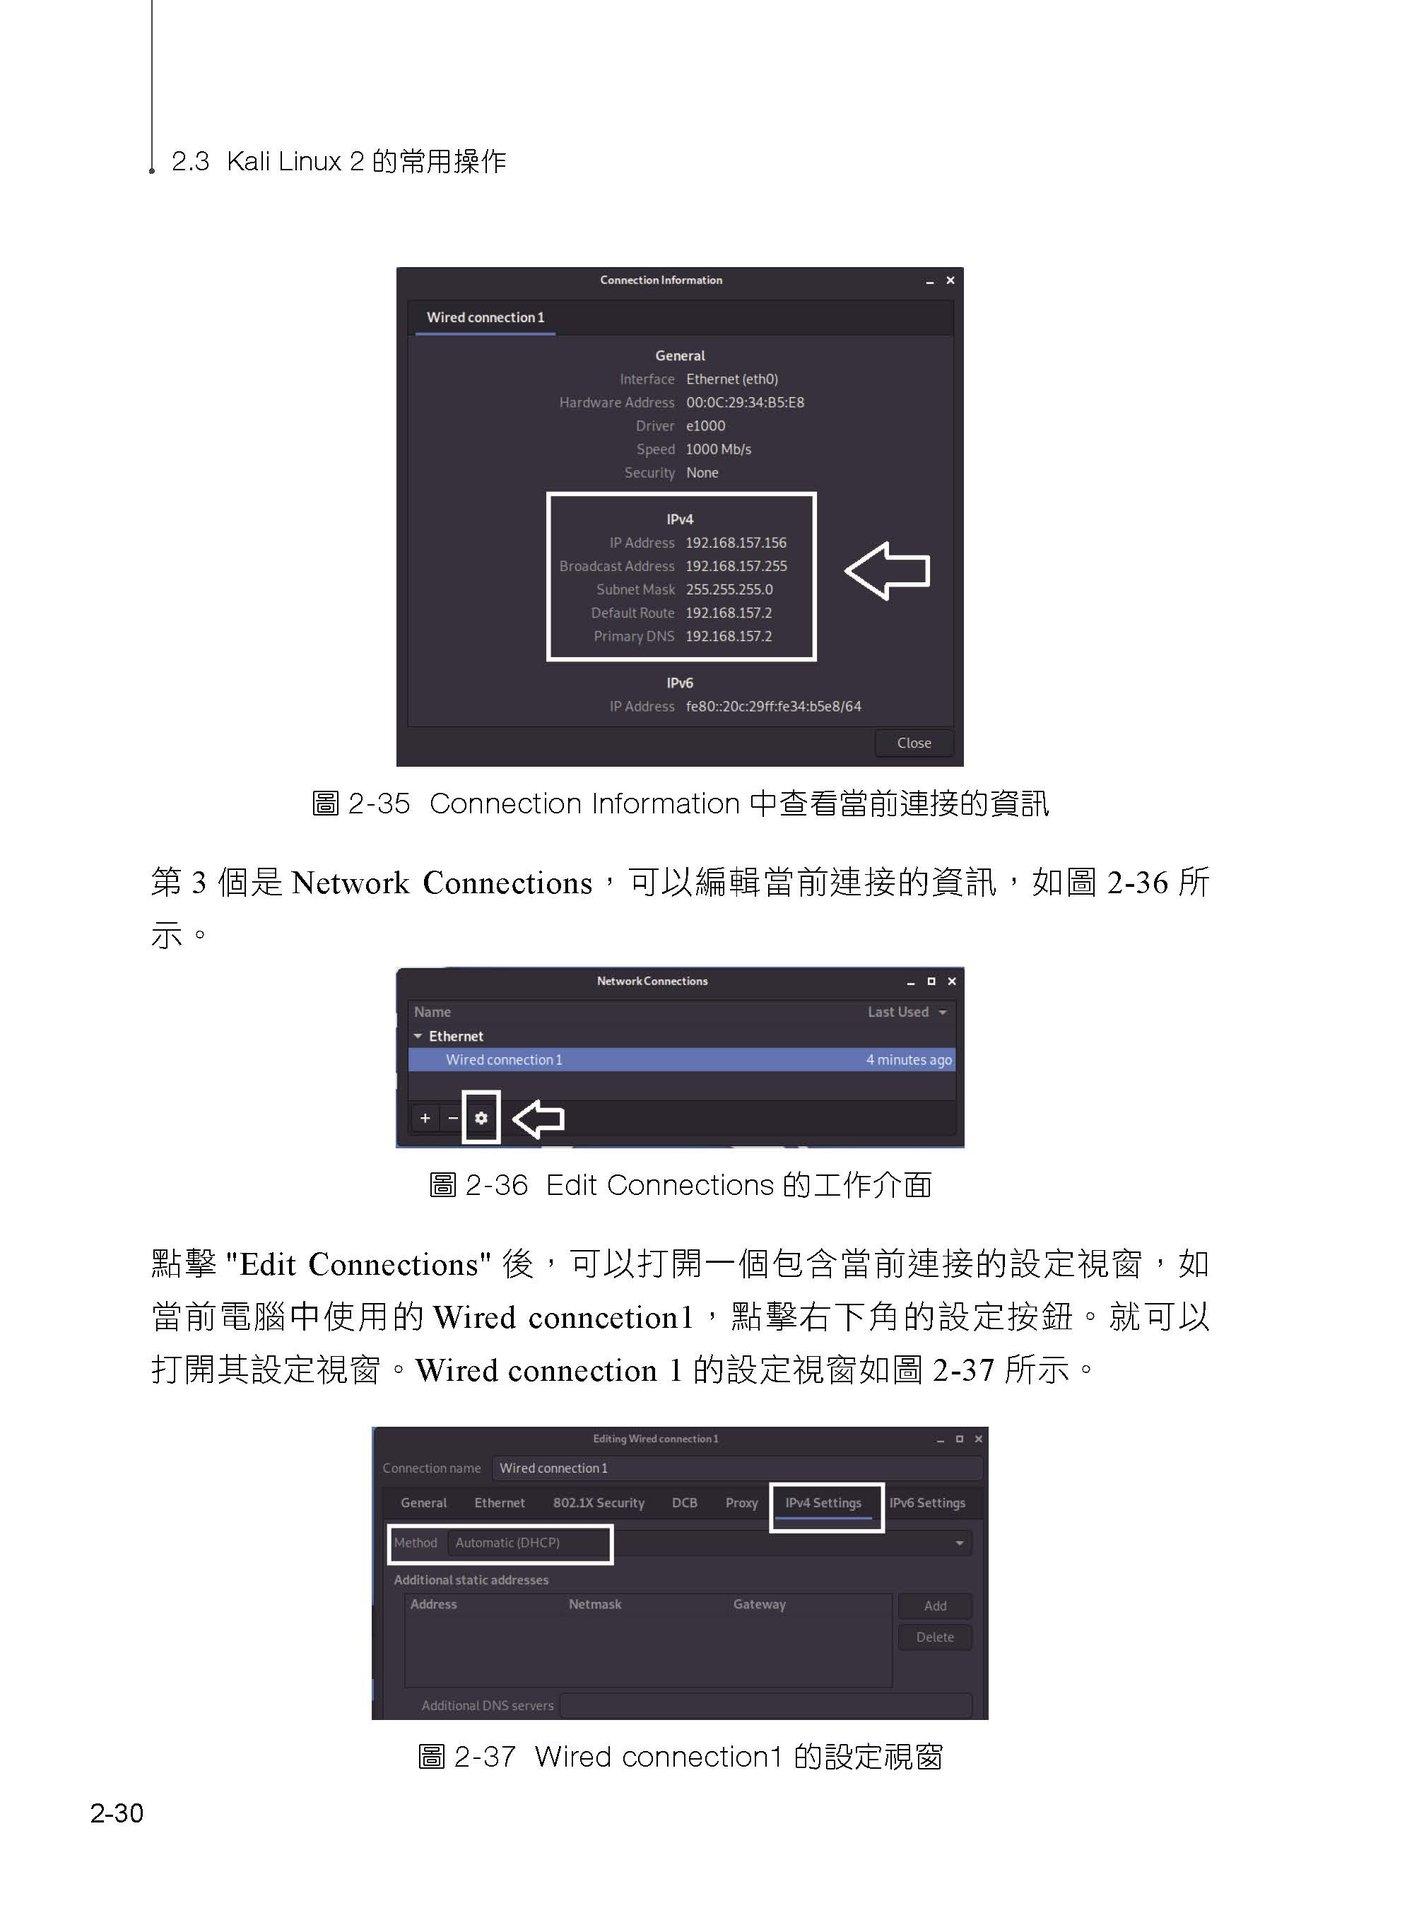 極黑駭客專用的 OS:Kali Linux2 無差別全網滲透-preview-3